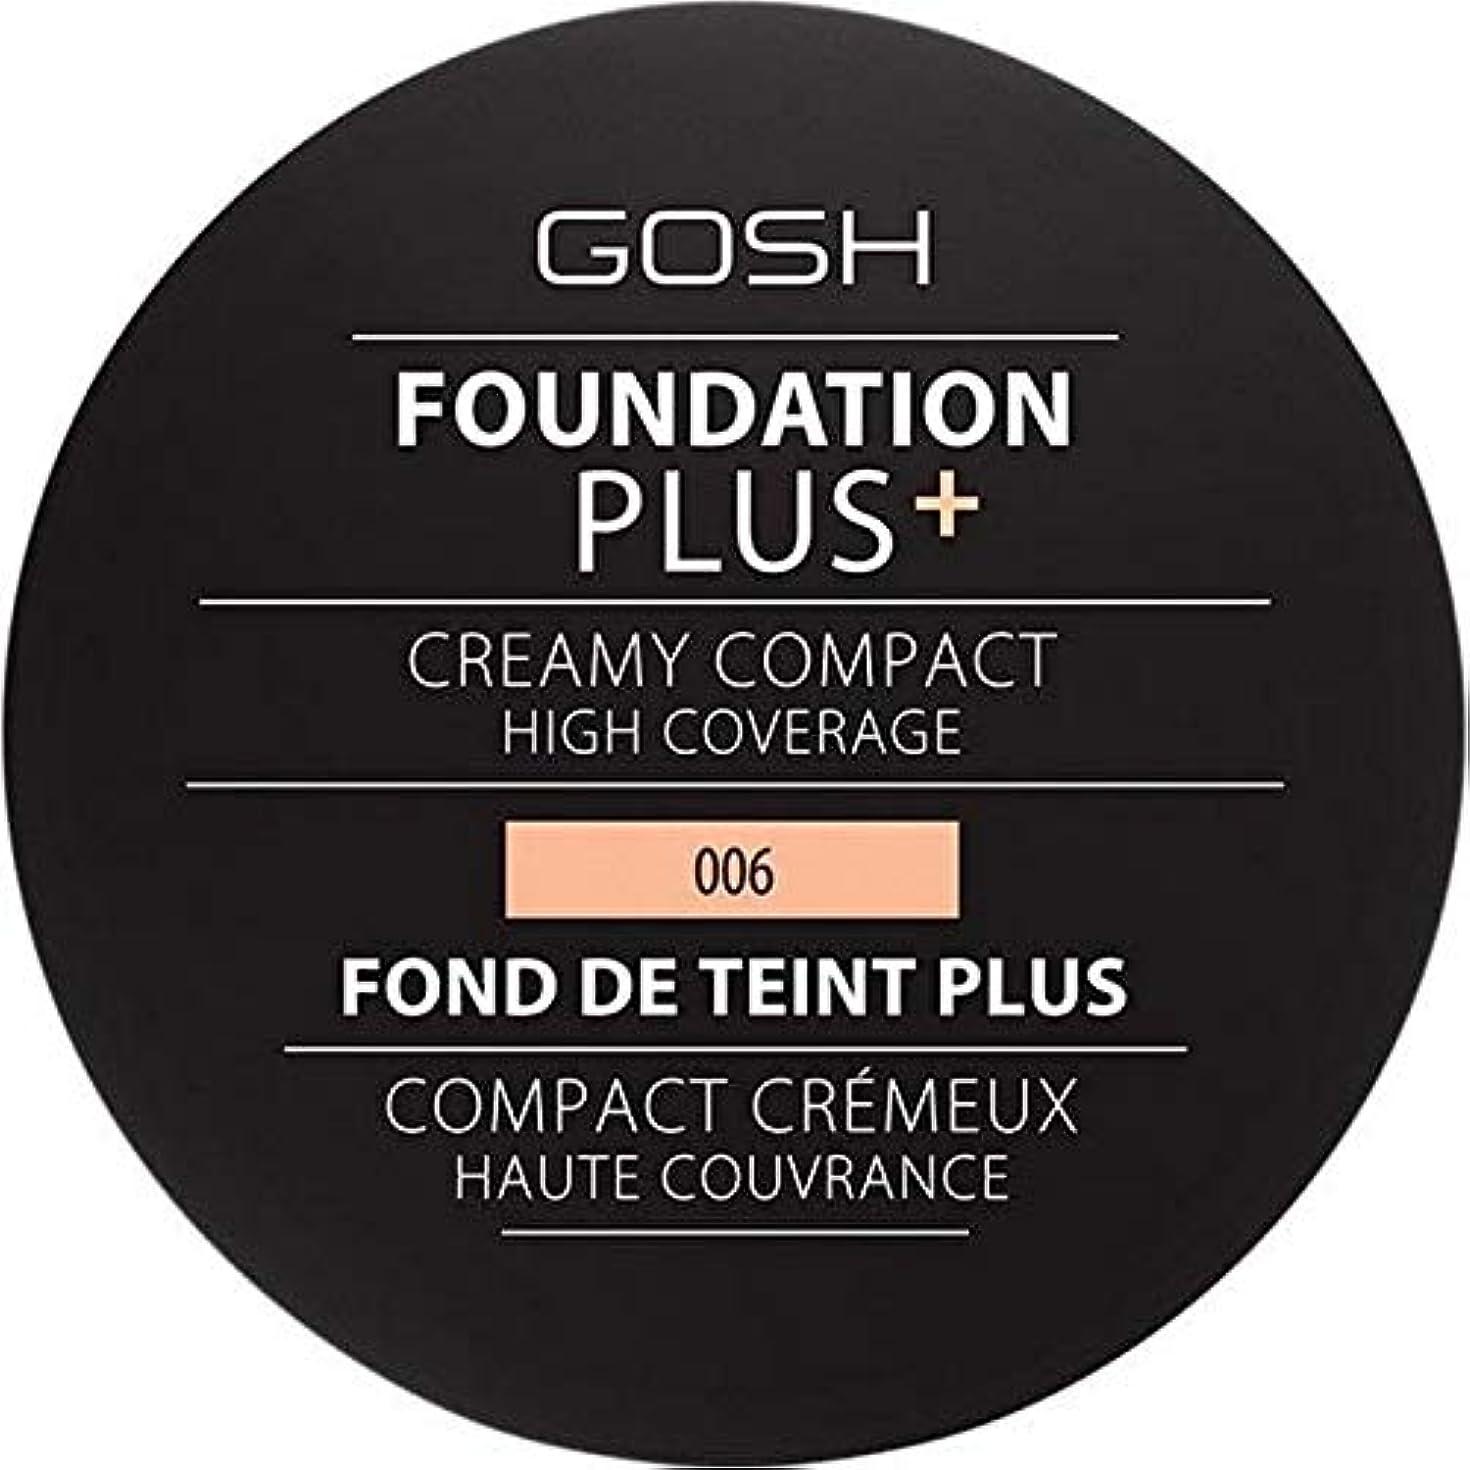 落ちた情報スチール[GOSH ] 基礎プラス+クリーミーコンパクト蜂蜜006 - Foundation Plus+ Creamy Compact Honey 006 [並行輸入品]